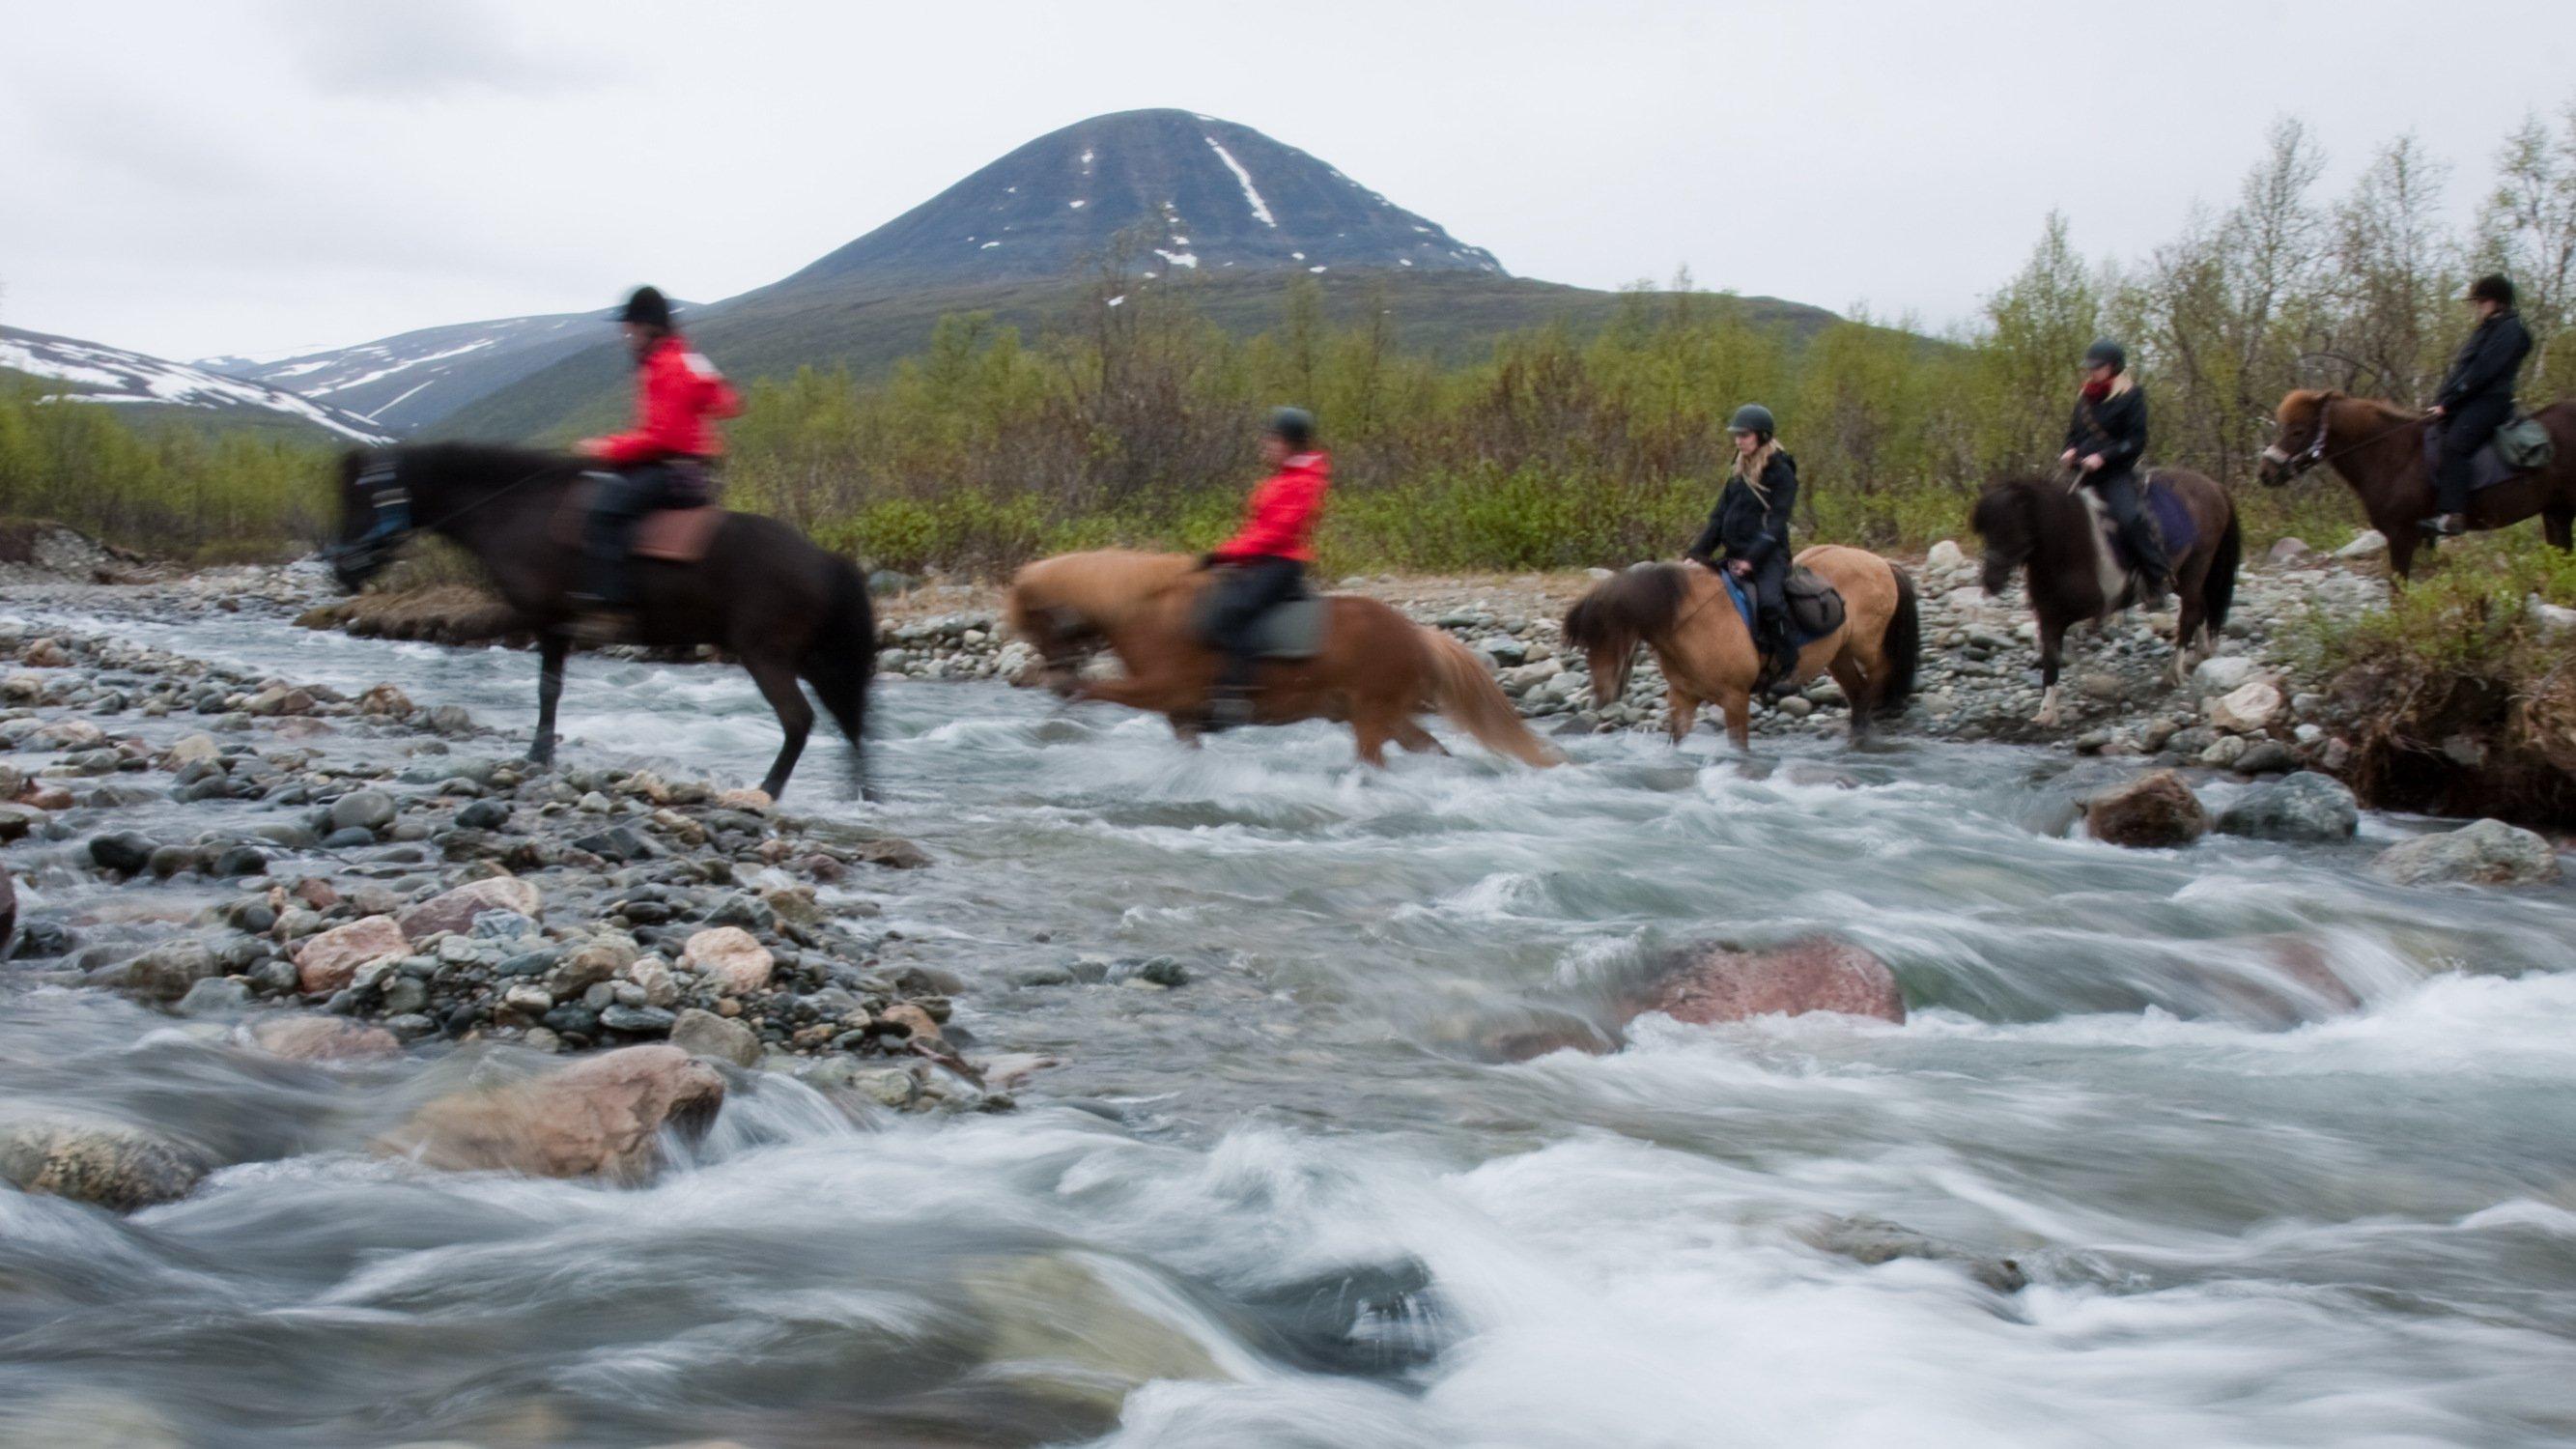 Reittour Lappland